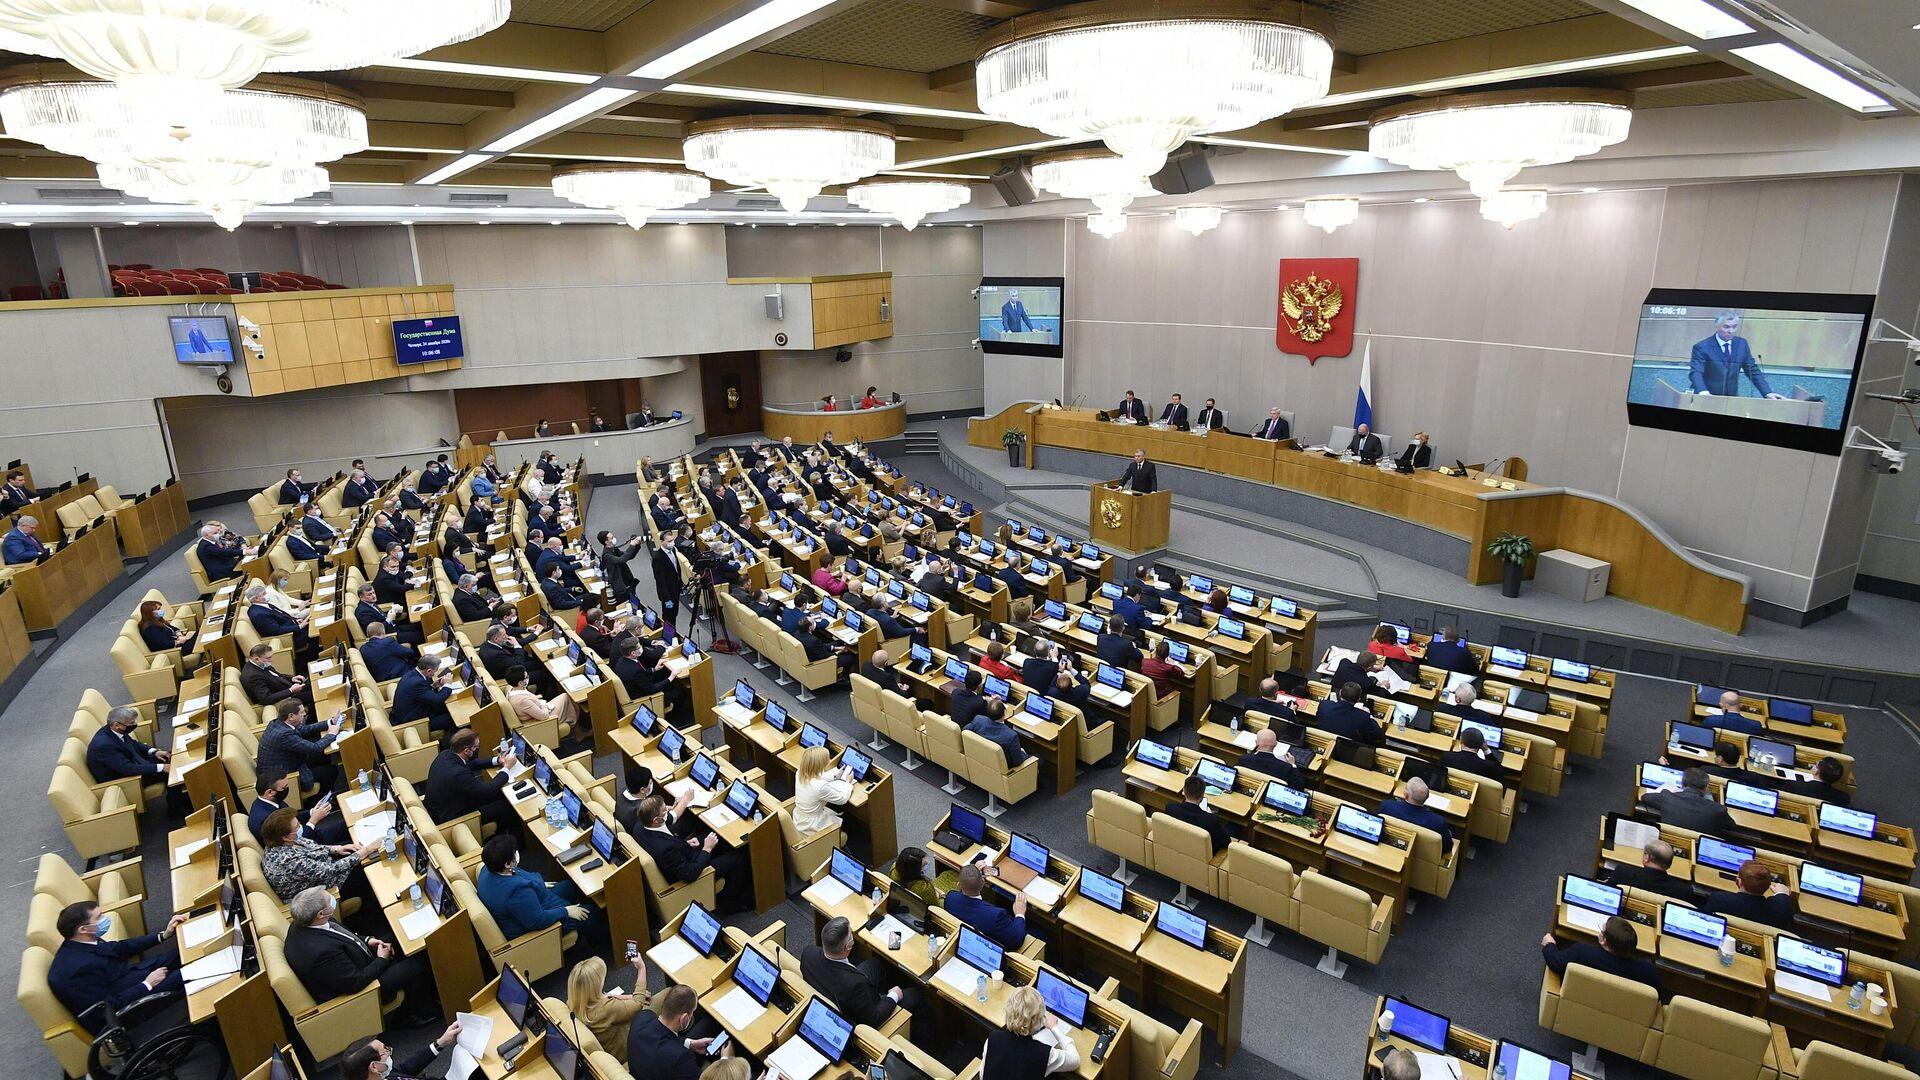 Эксперты ЭИСИ: парламентские партии останутся в новом созыве Госдумы